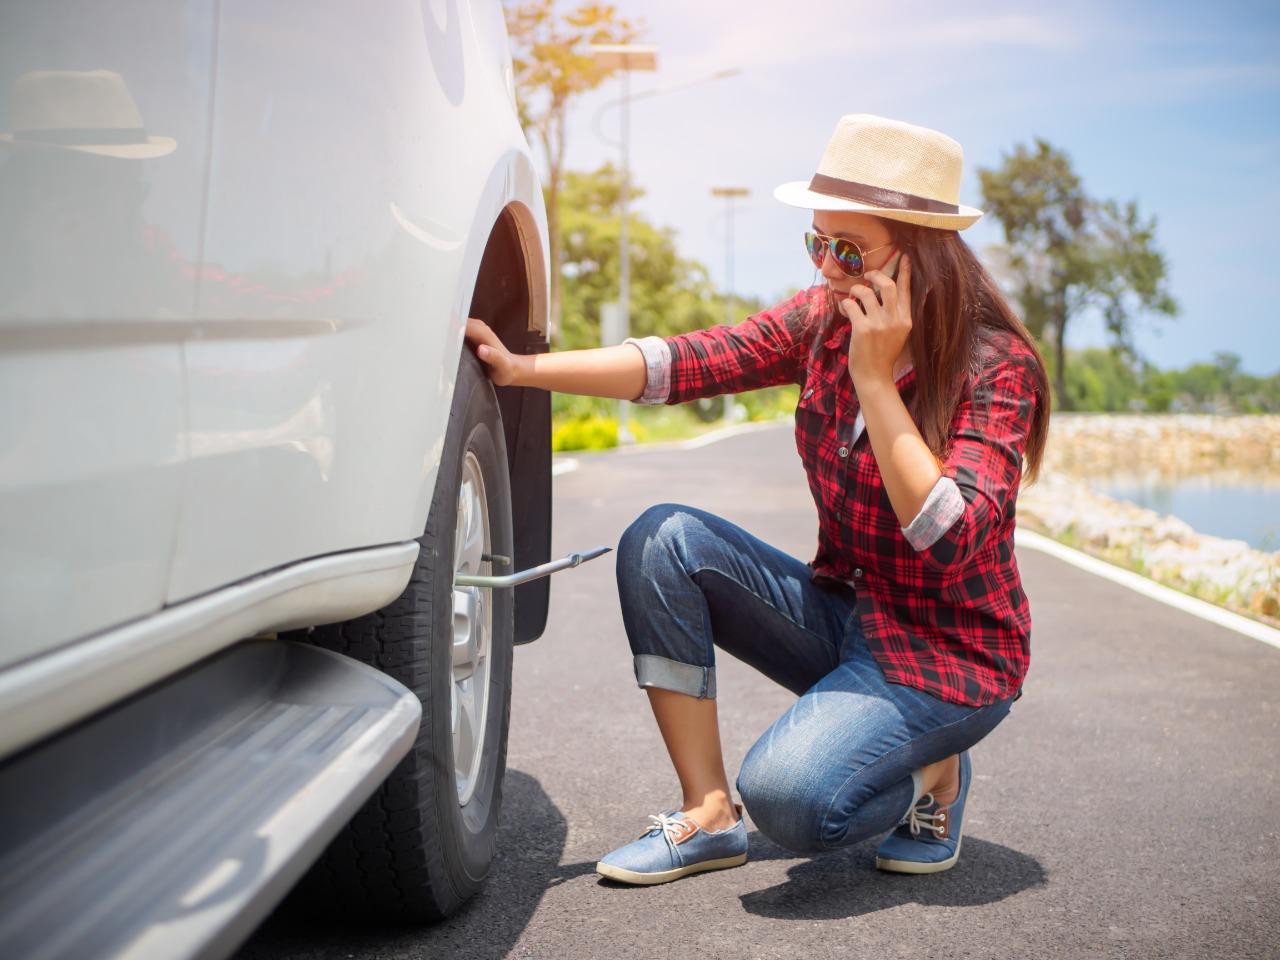 Você sabe trocar os pneus do carro sozinho?